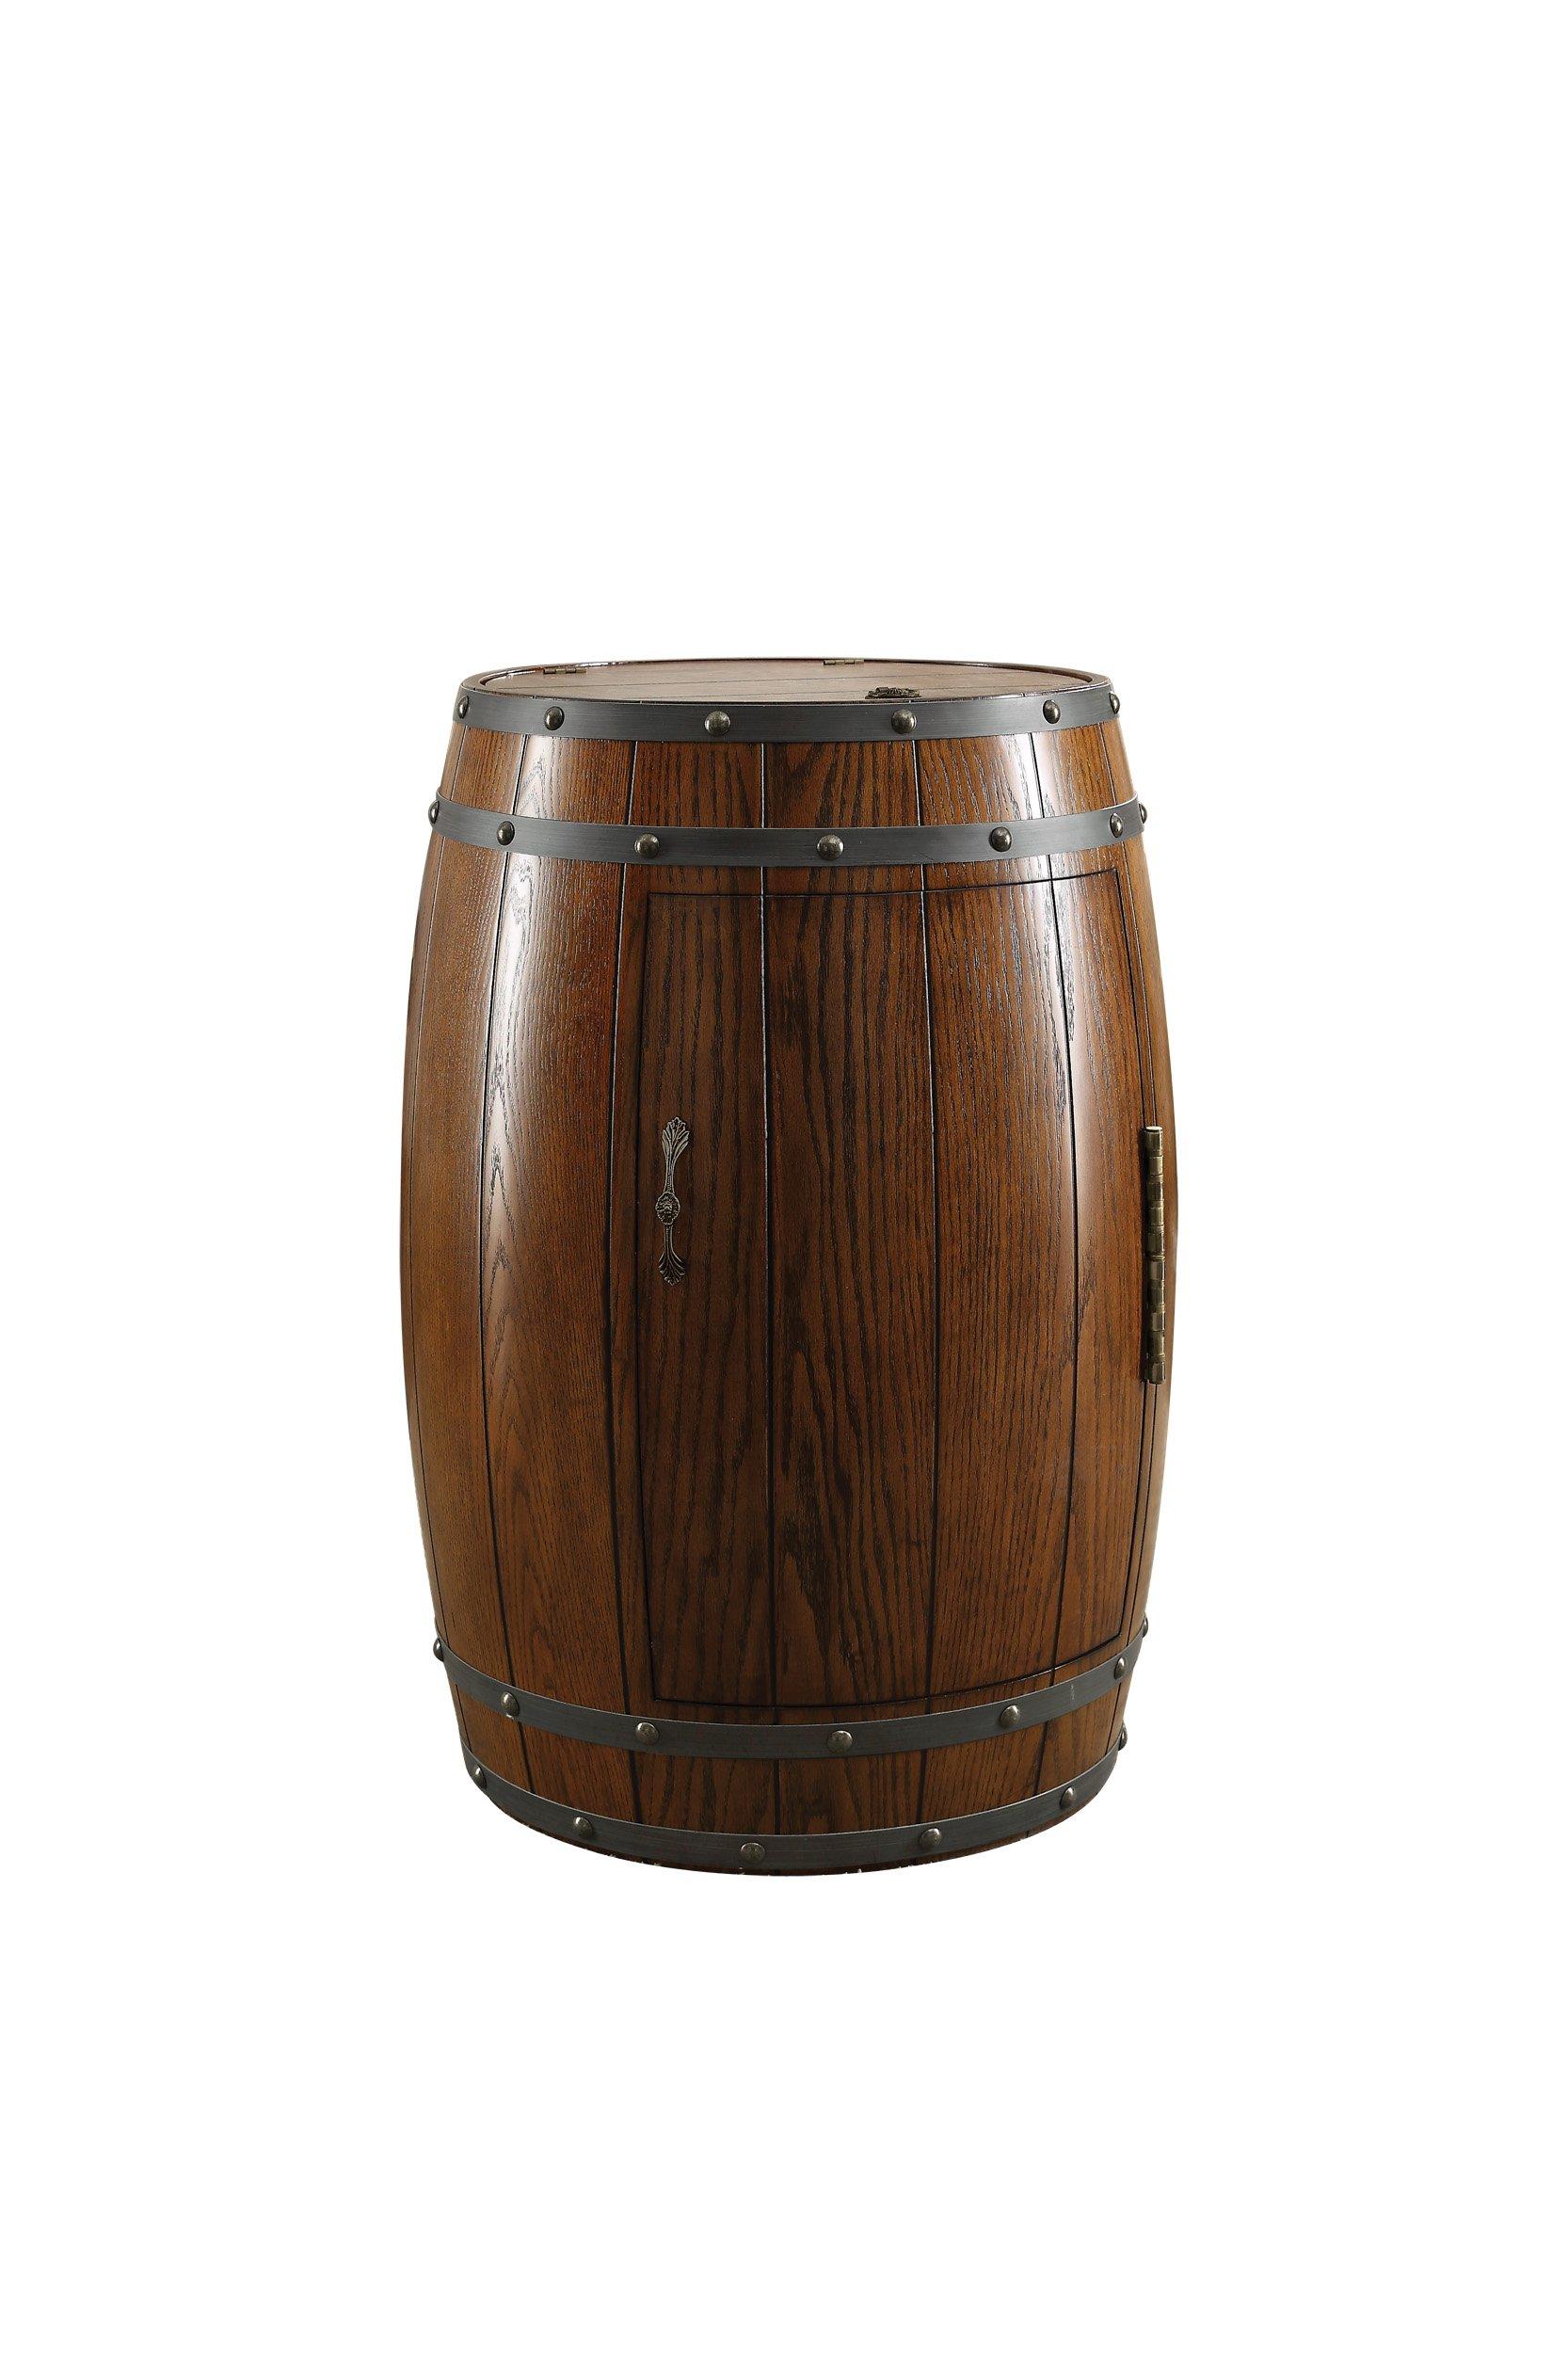 Homelegance Cabernet Wine Barrel Refrigerator, Oak by Homelegance